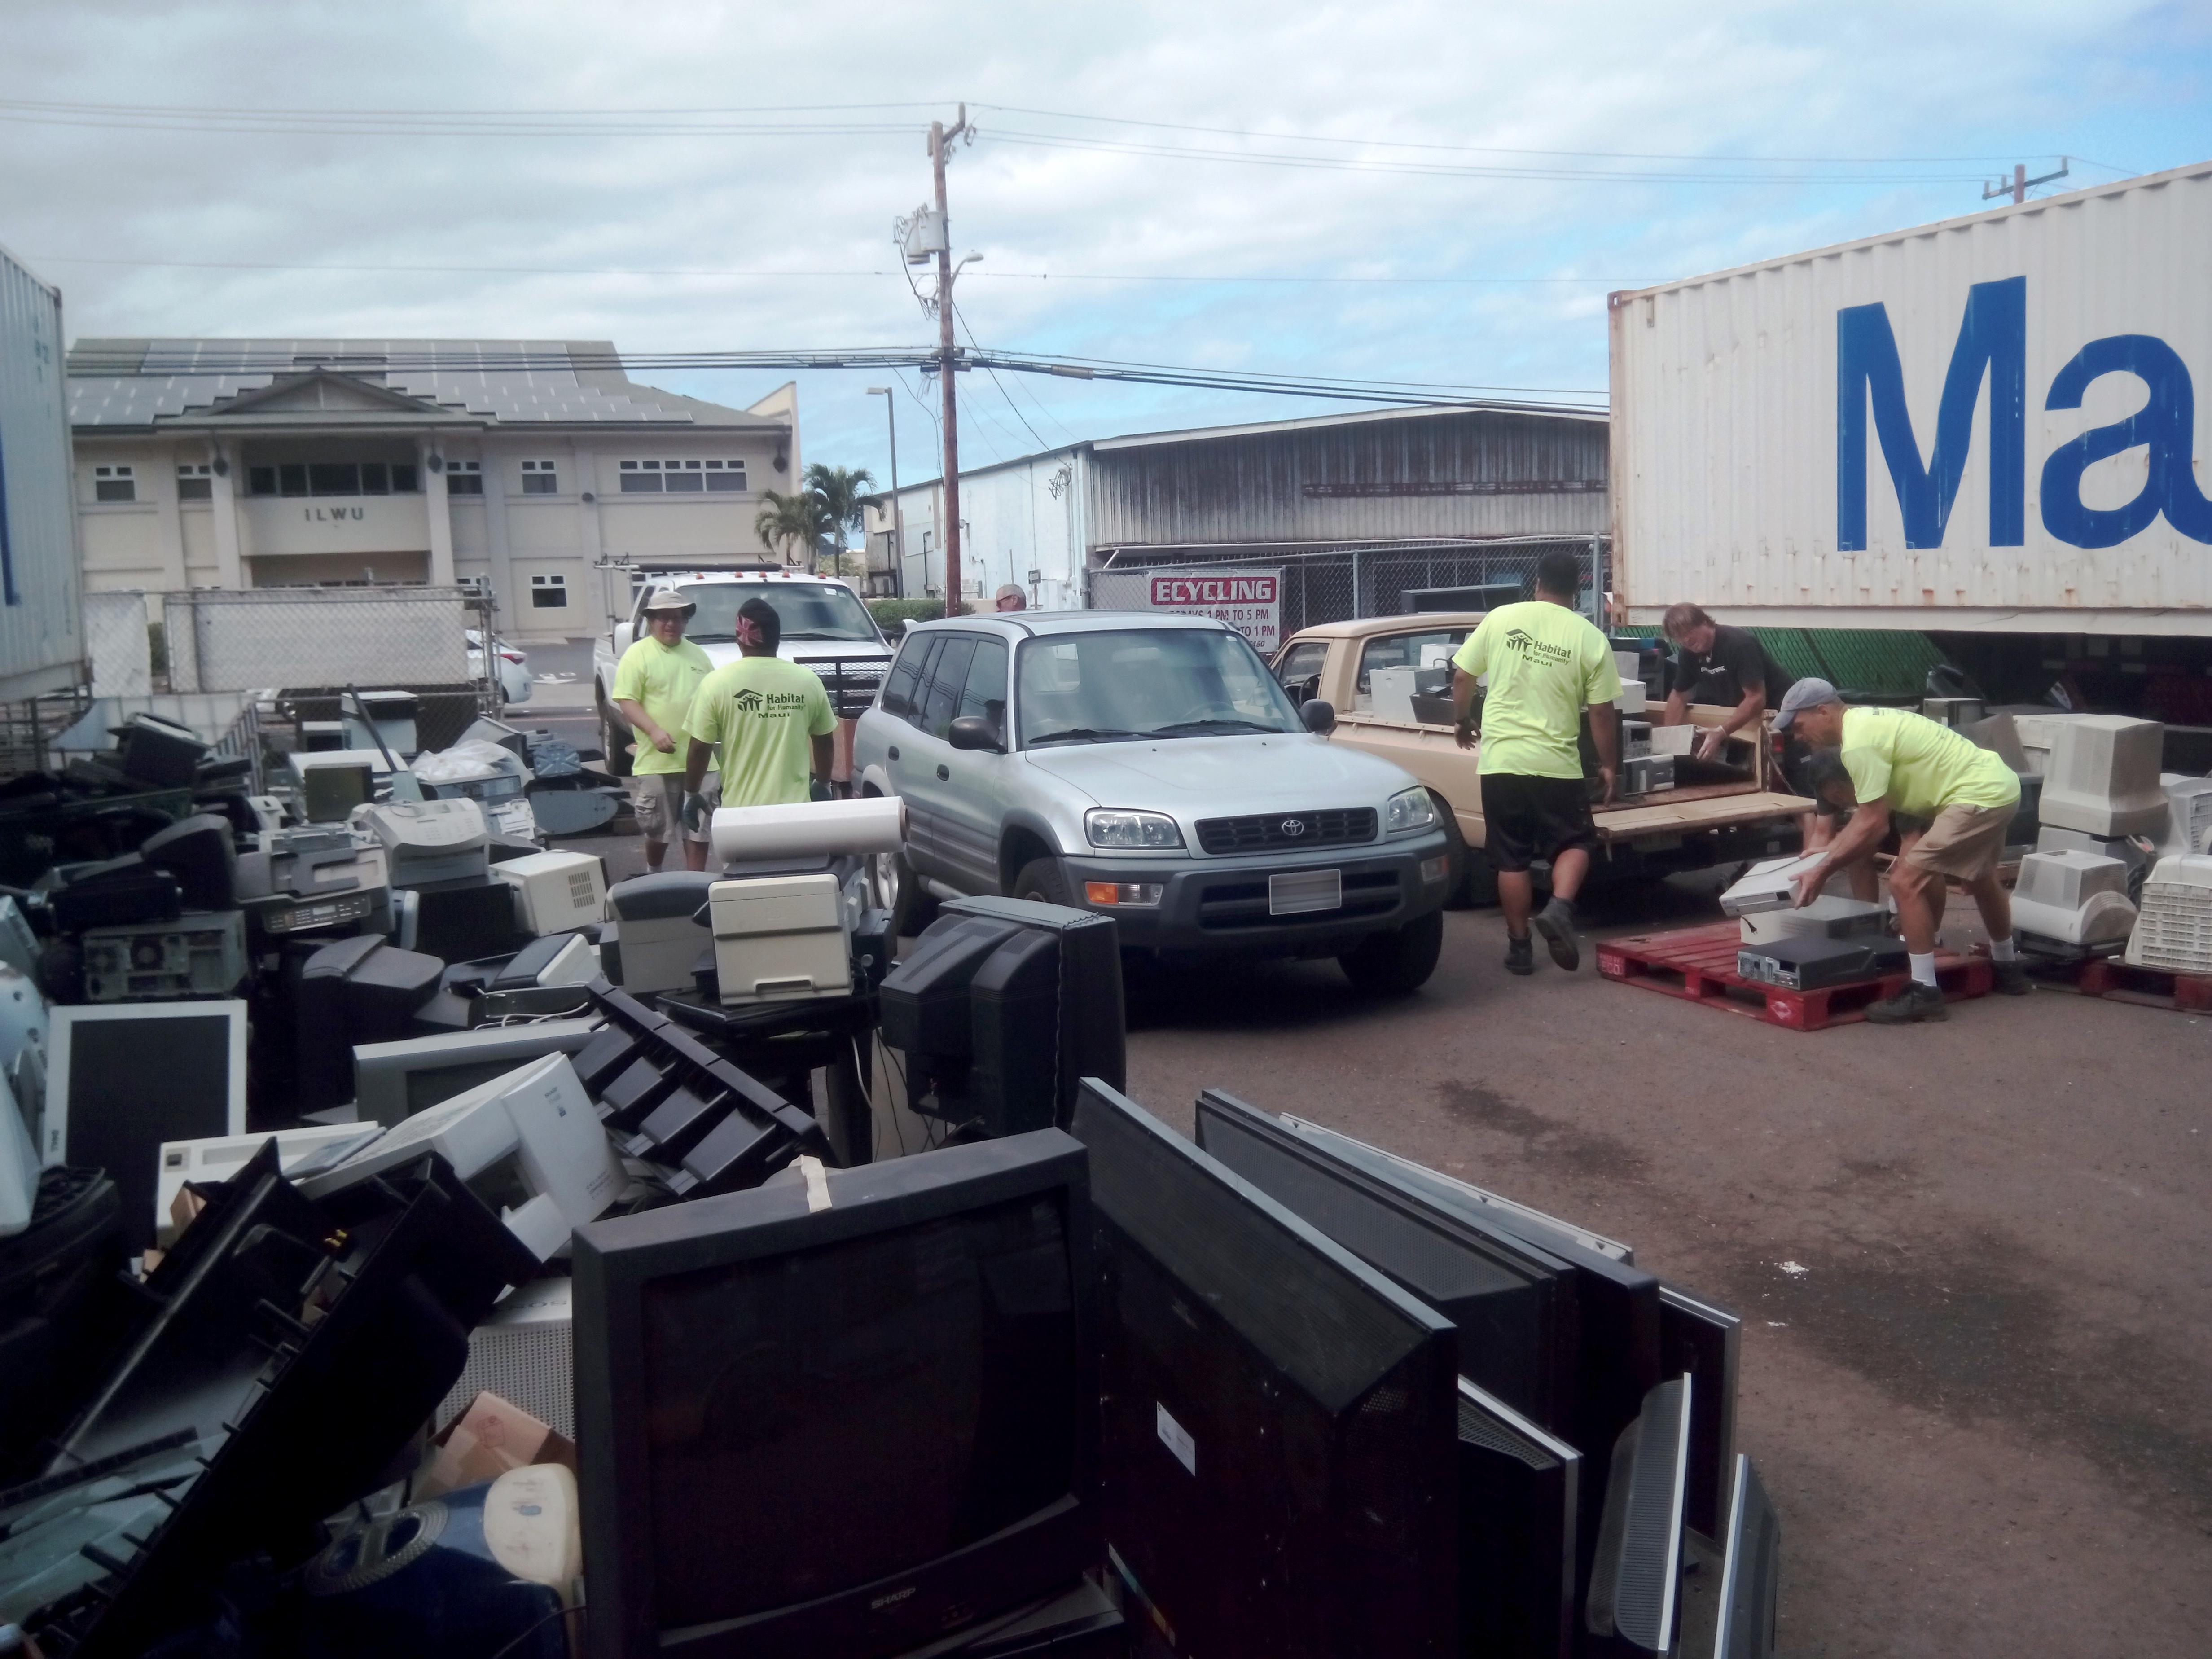 Temporary Closure of Moloka'i E-Cycling